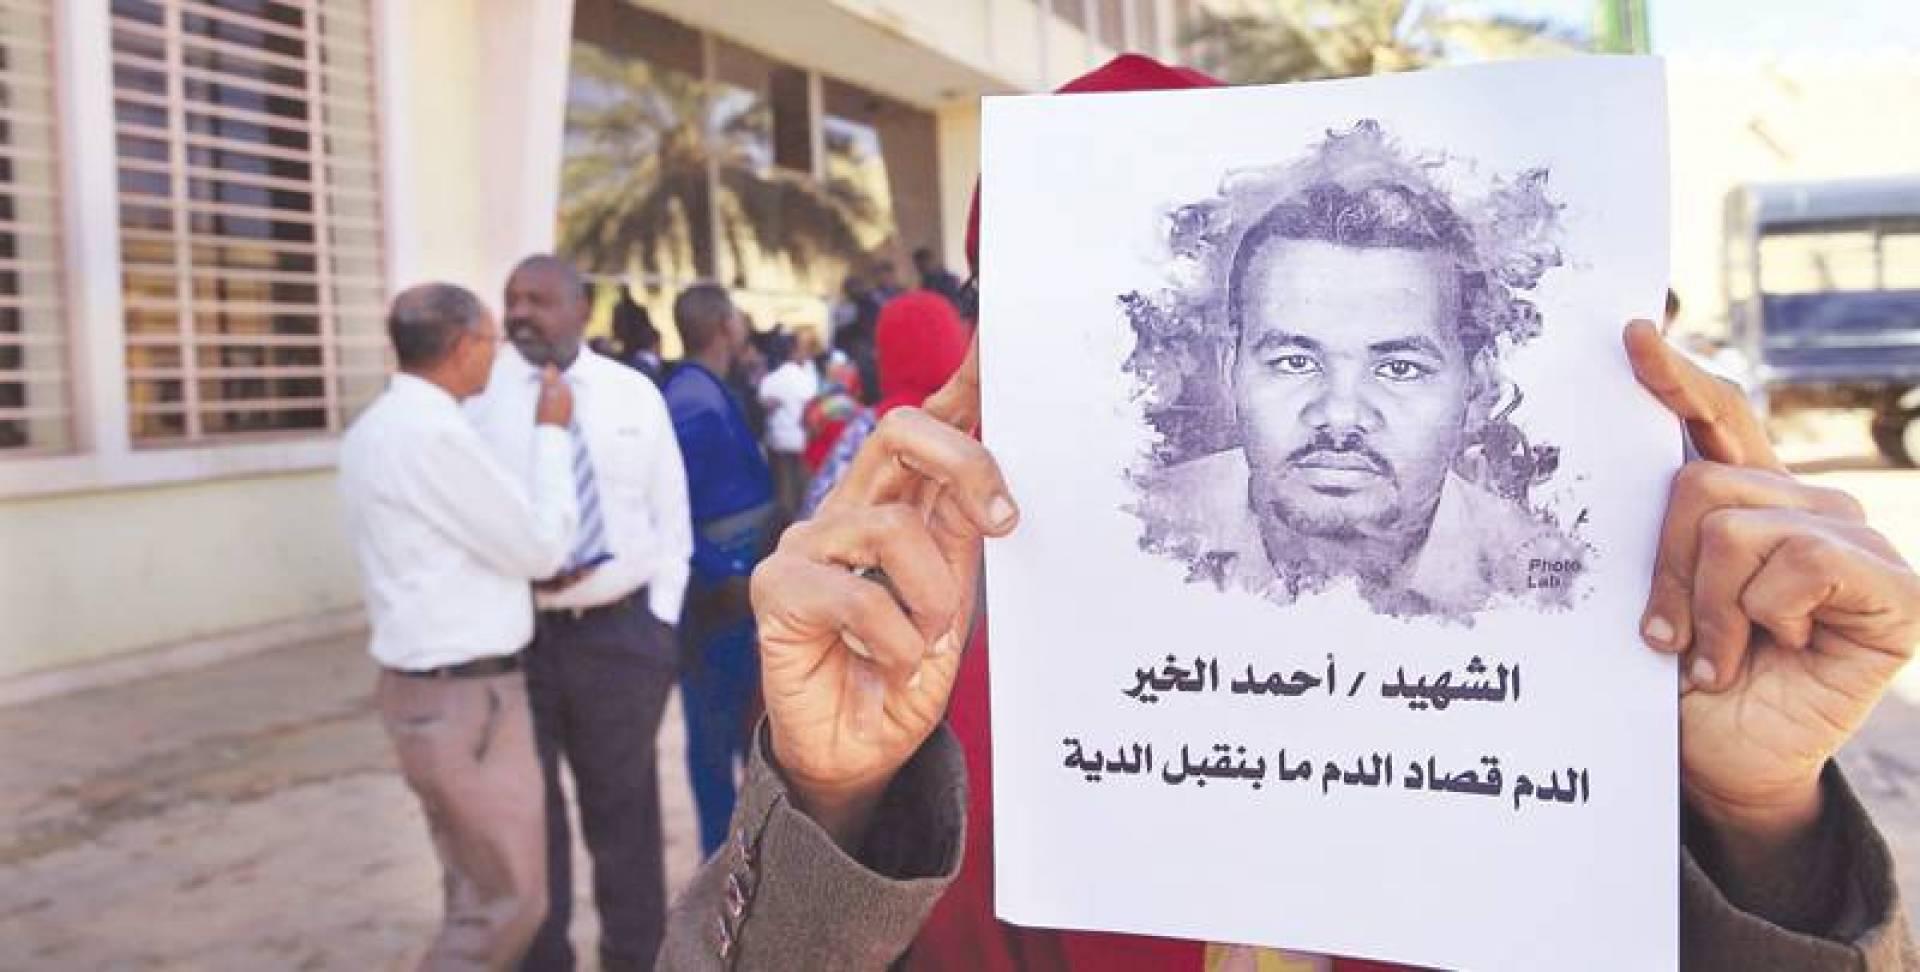 رجل يرفع صورة للمعلم أحمد الخير أمام محكمة في أم درمان | أ ف ب